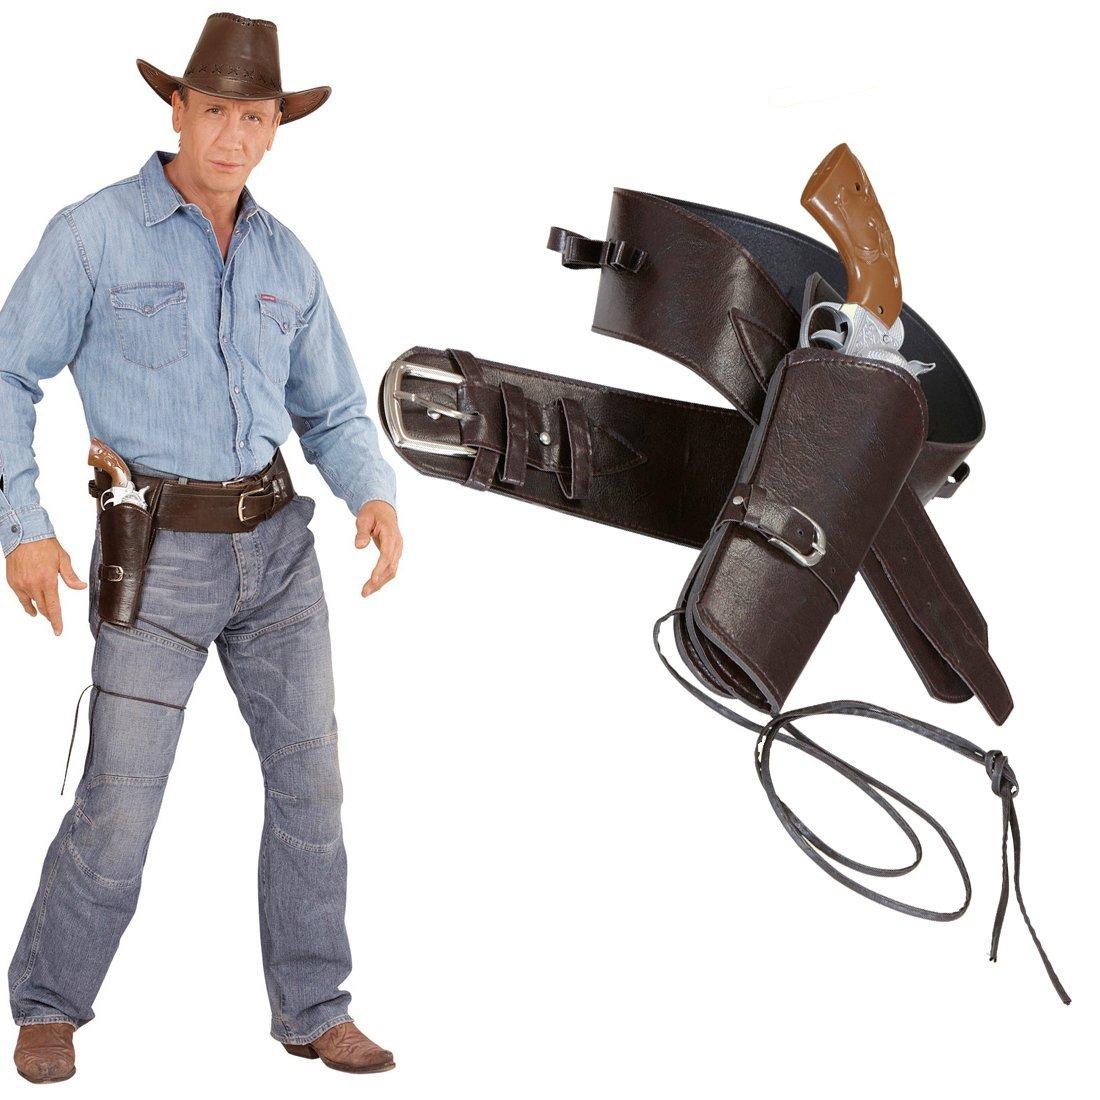 e35b6605d58e NET TOYS Holster Revolver Cowboy Porte-Pistolet Sheriff Marron Ceinture  Western Poche pour Pistolet Costume Cowboy  Amazon.fr  Jeux et Jouets